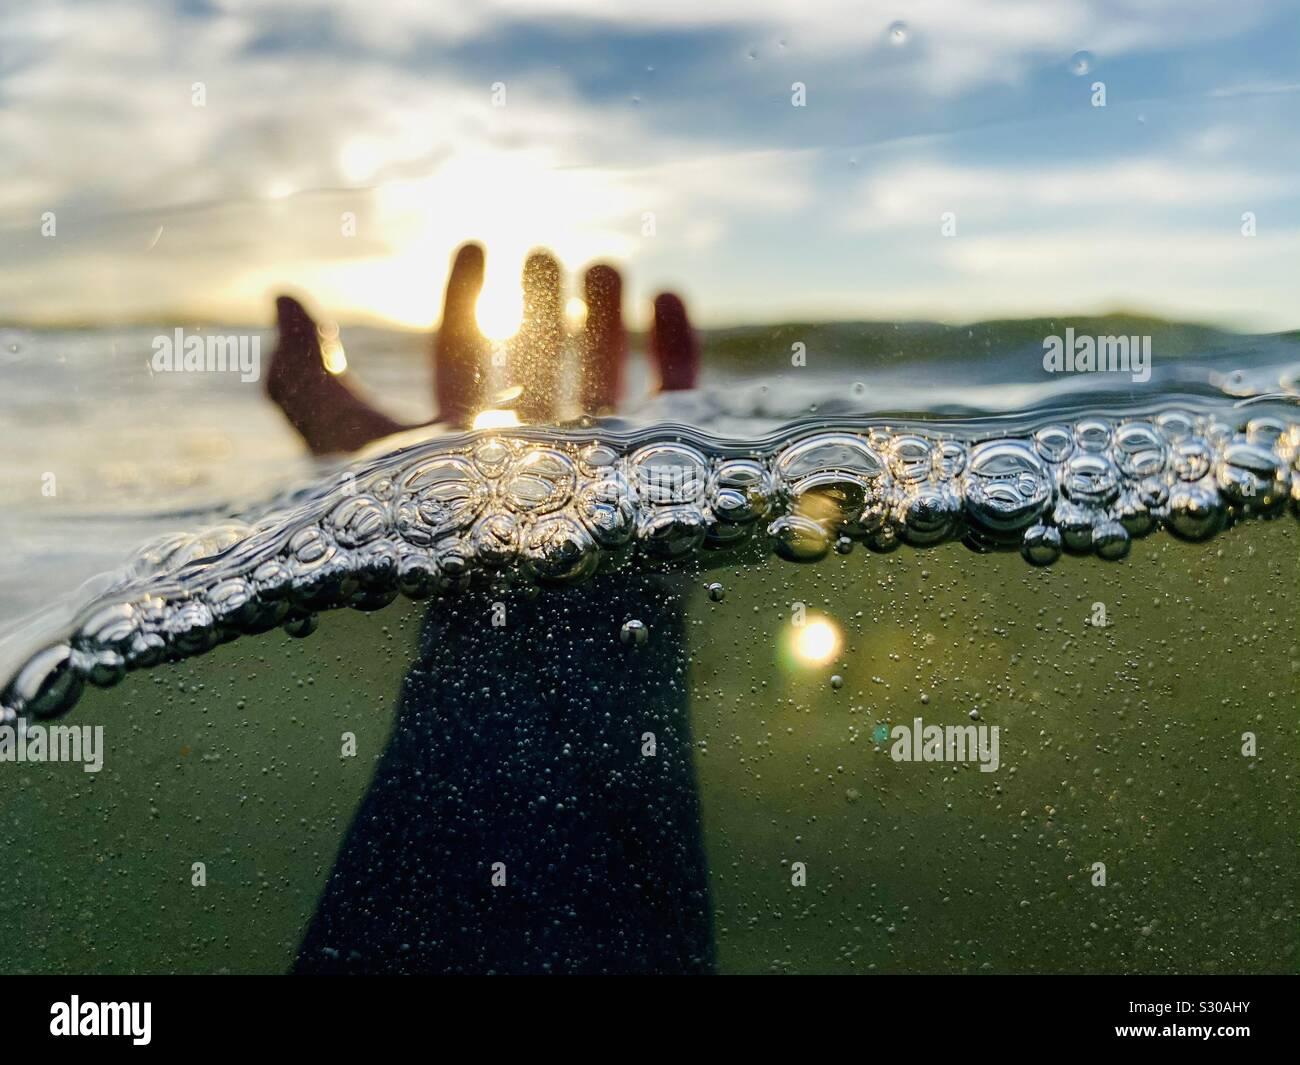 Un over-sotto la foto di una mano sinistra di uscire dall'acqua. Foto Stock